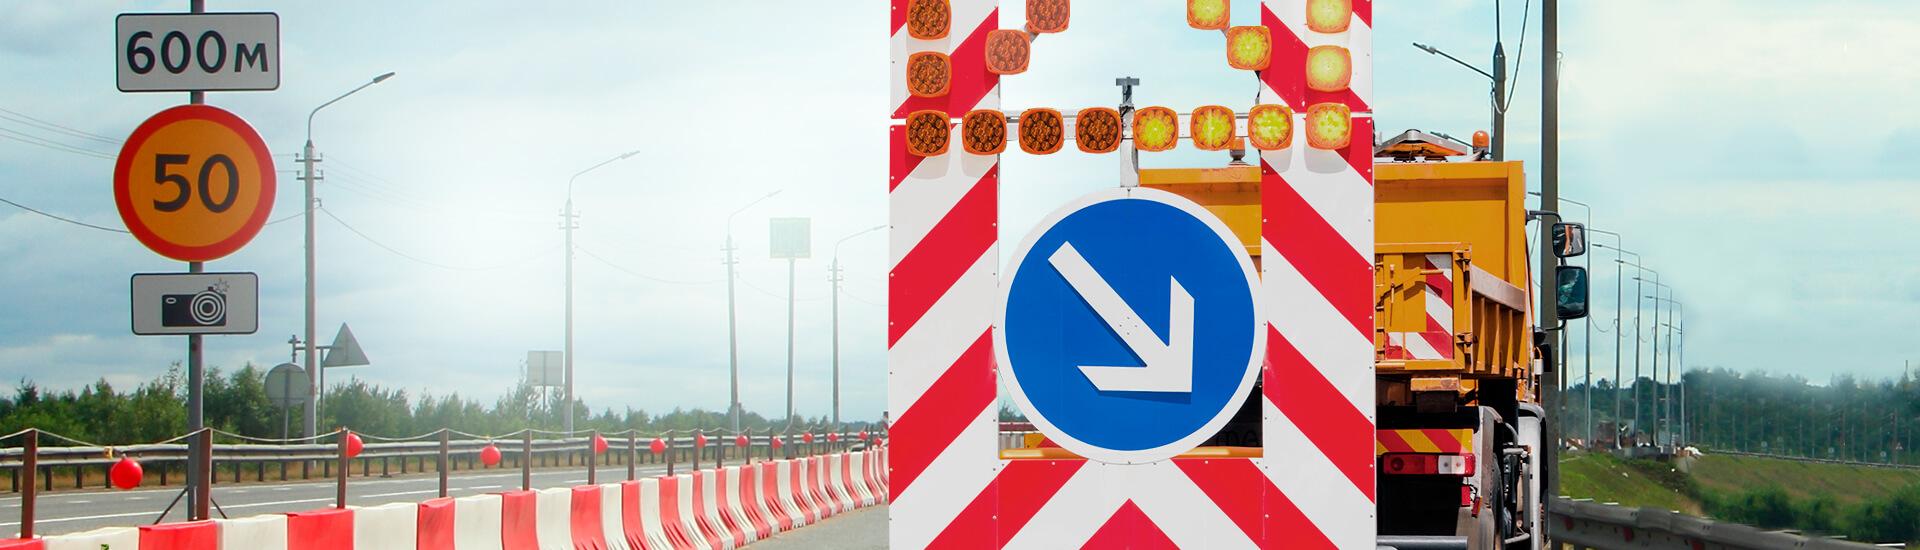 Средства ограждения<br> и дорожные знаки